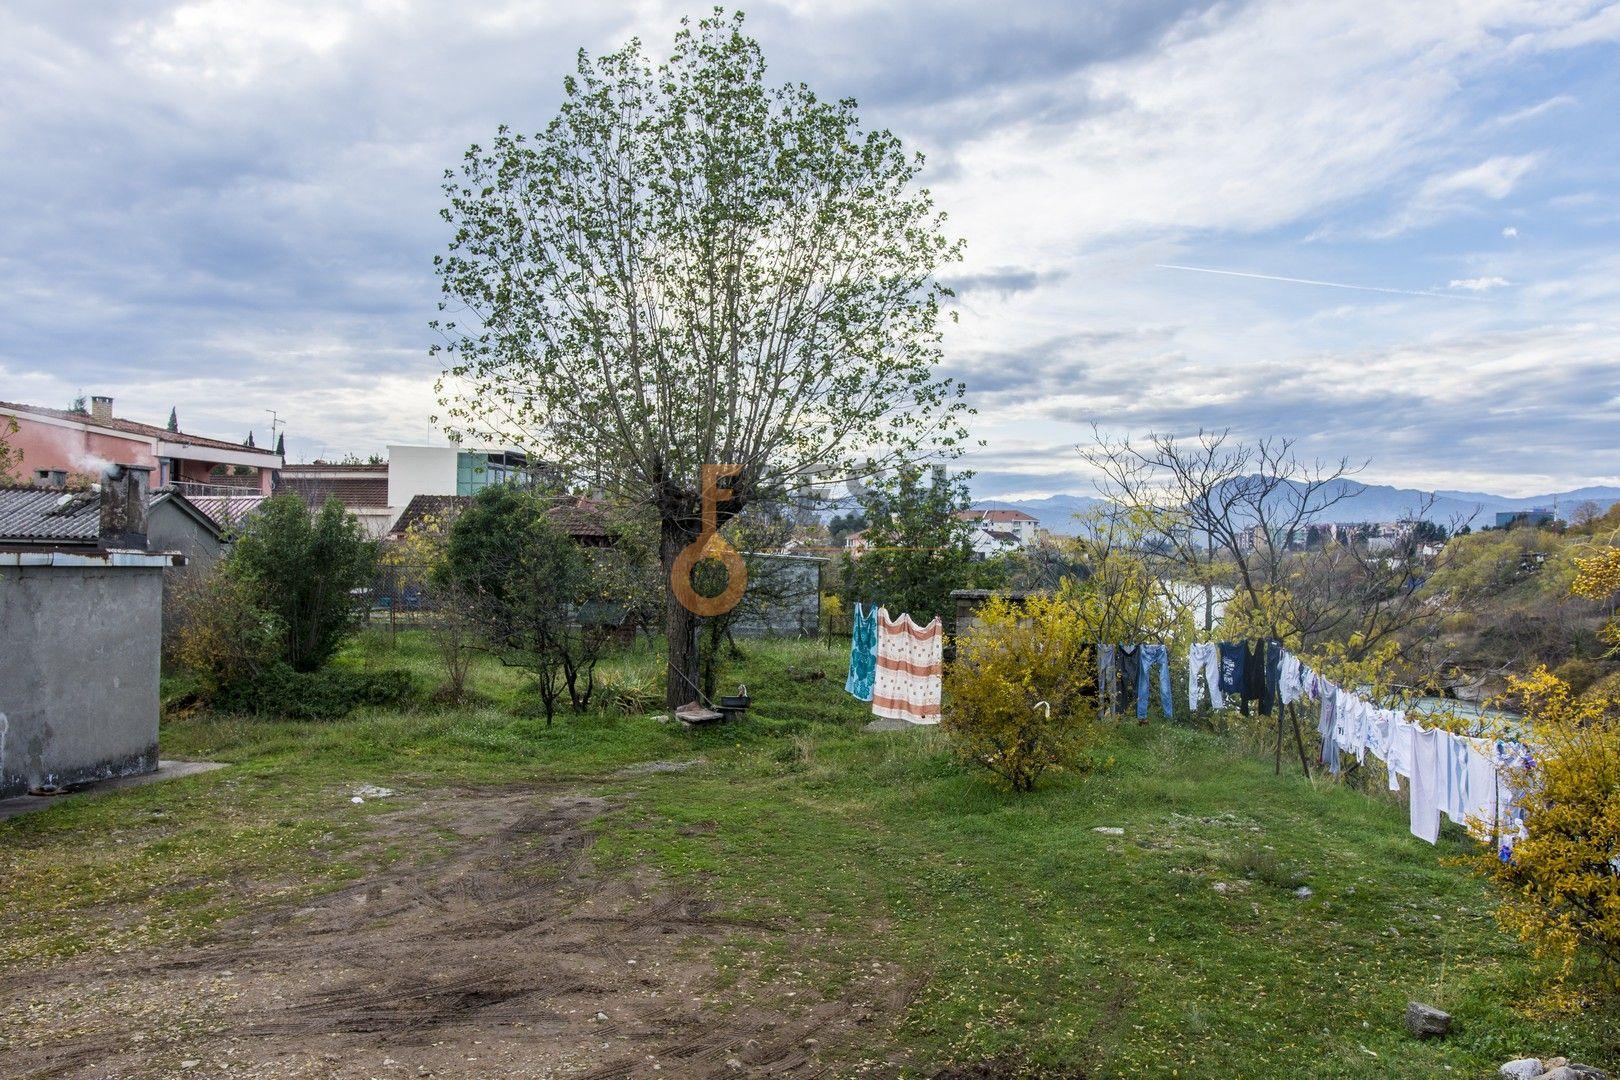 Kuća, 86 m2 na placu od 815 m2, Obala Morače, Prodaja - 9